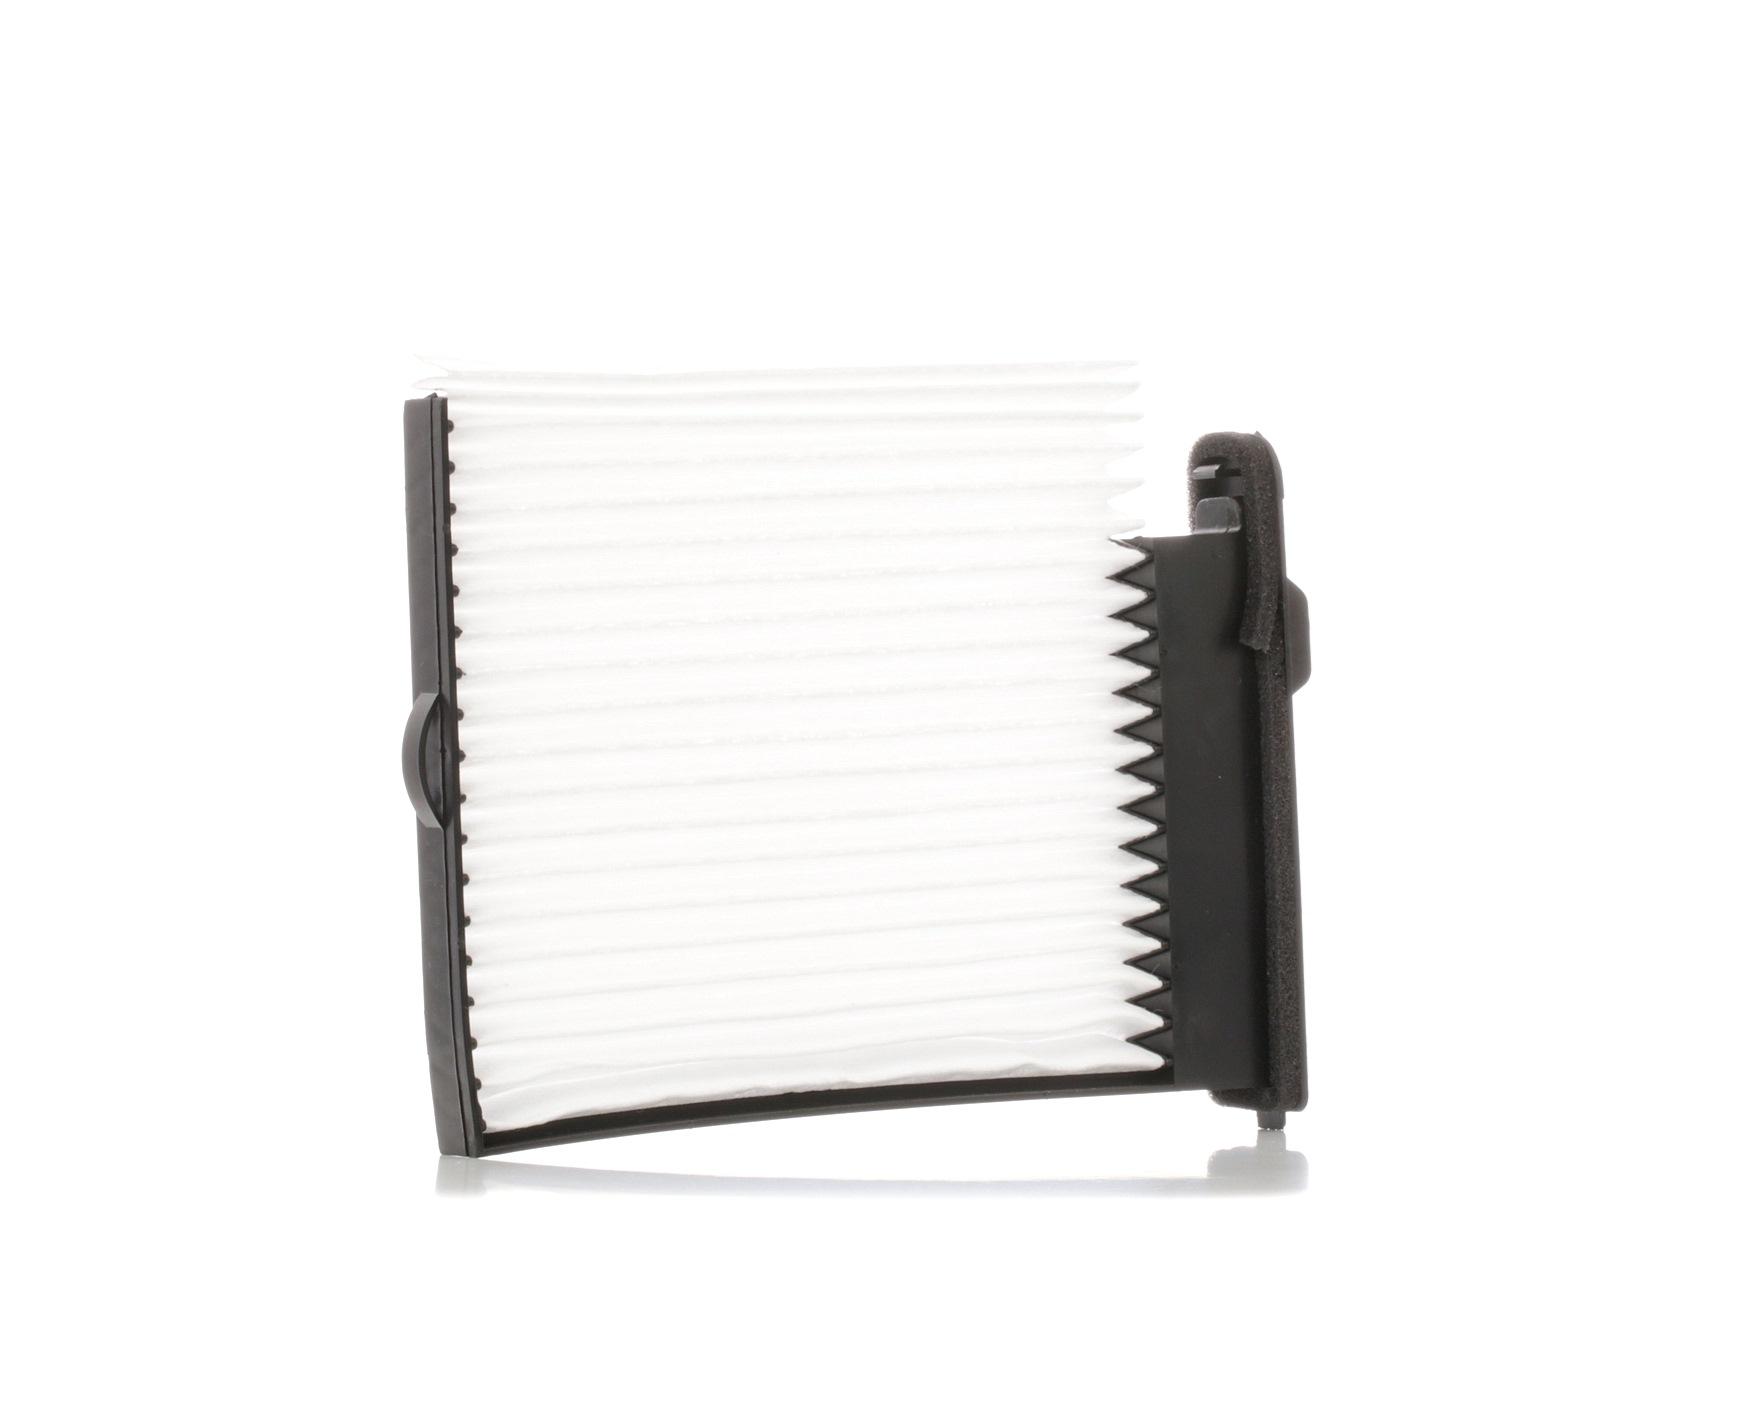 NISSAN VERSA 2017 Filteranlage - Original STARK SKIF-0170464 Breite: 240mm, Höhe: 20mm, Länge: 170mm